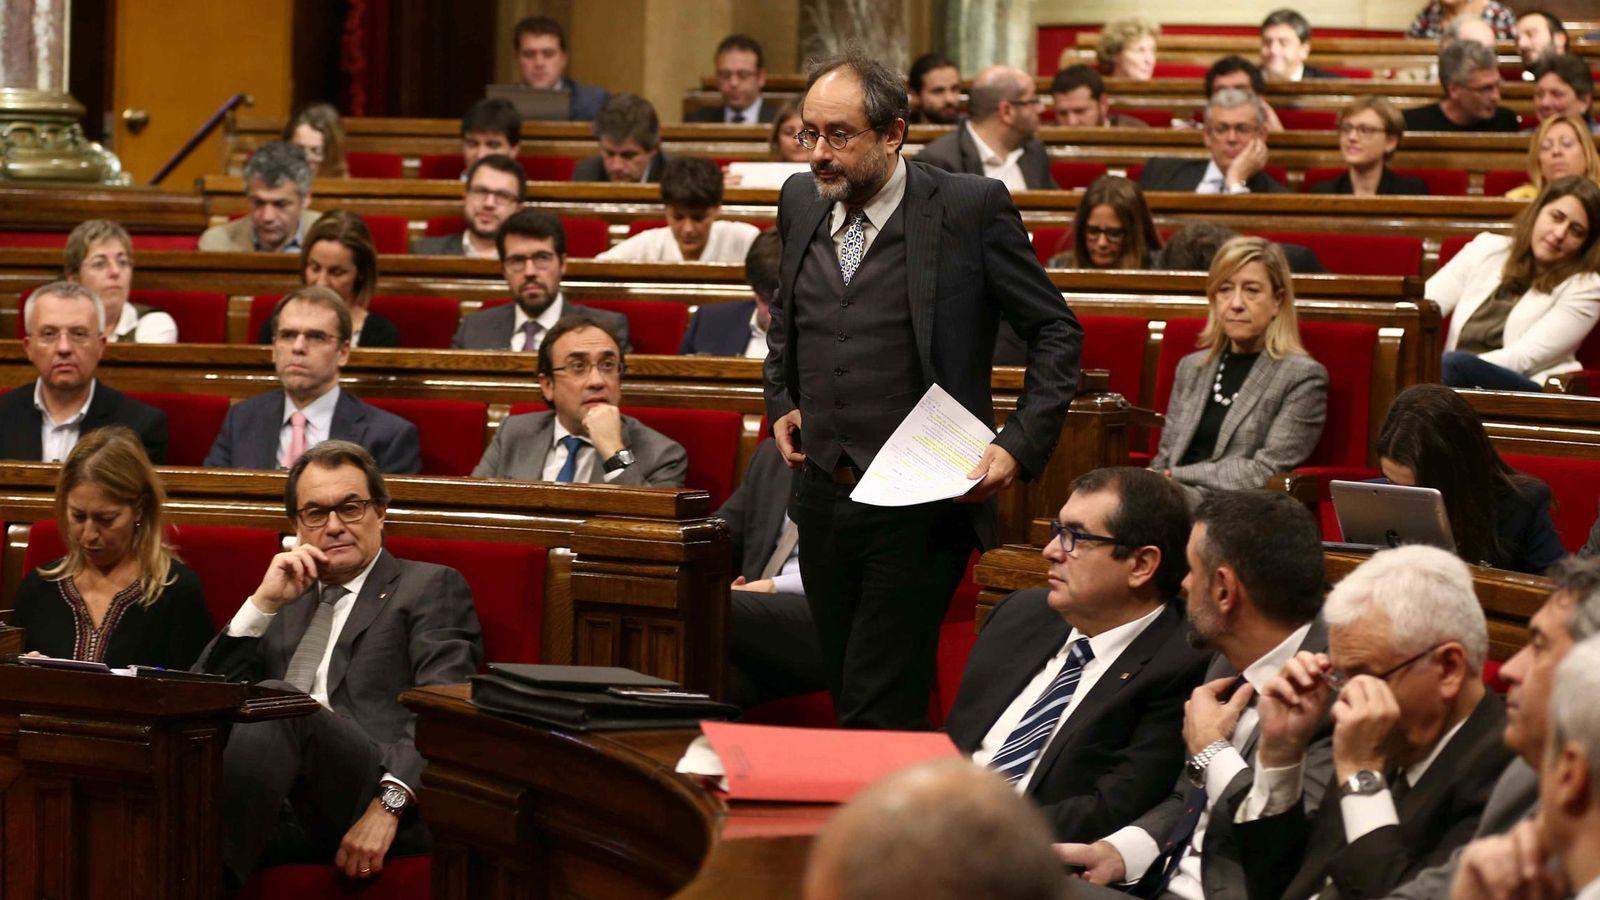 Foto: El líder parlamentario de la CUP, Antonio Baños, se dirige a la tribuna de oradores en presencia de Artur Mas. (EFE)